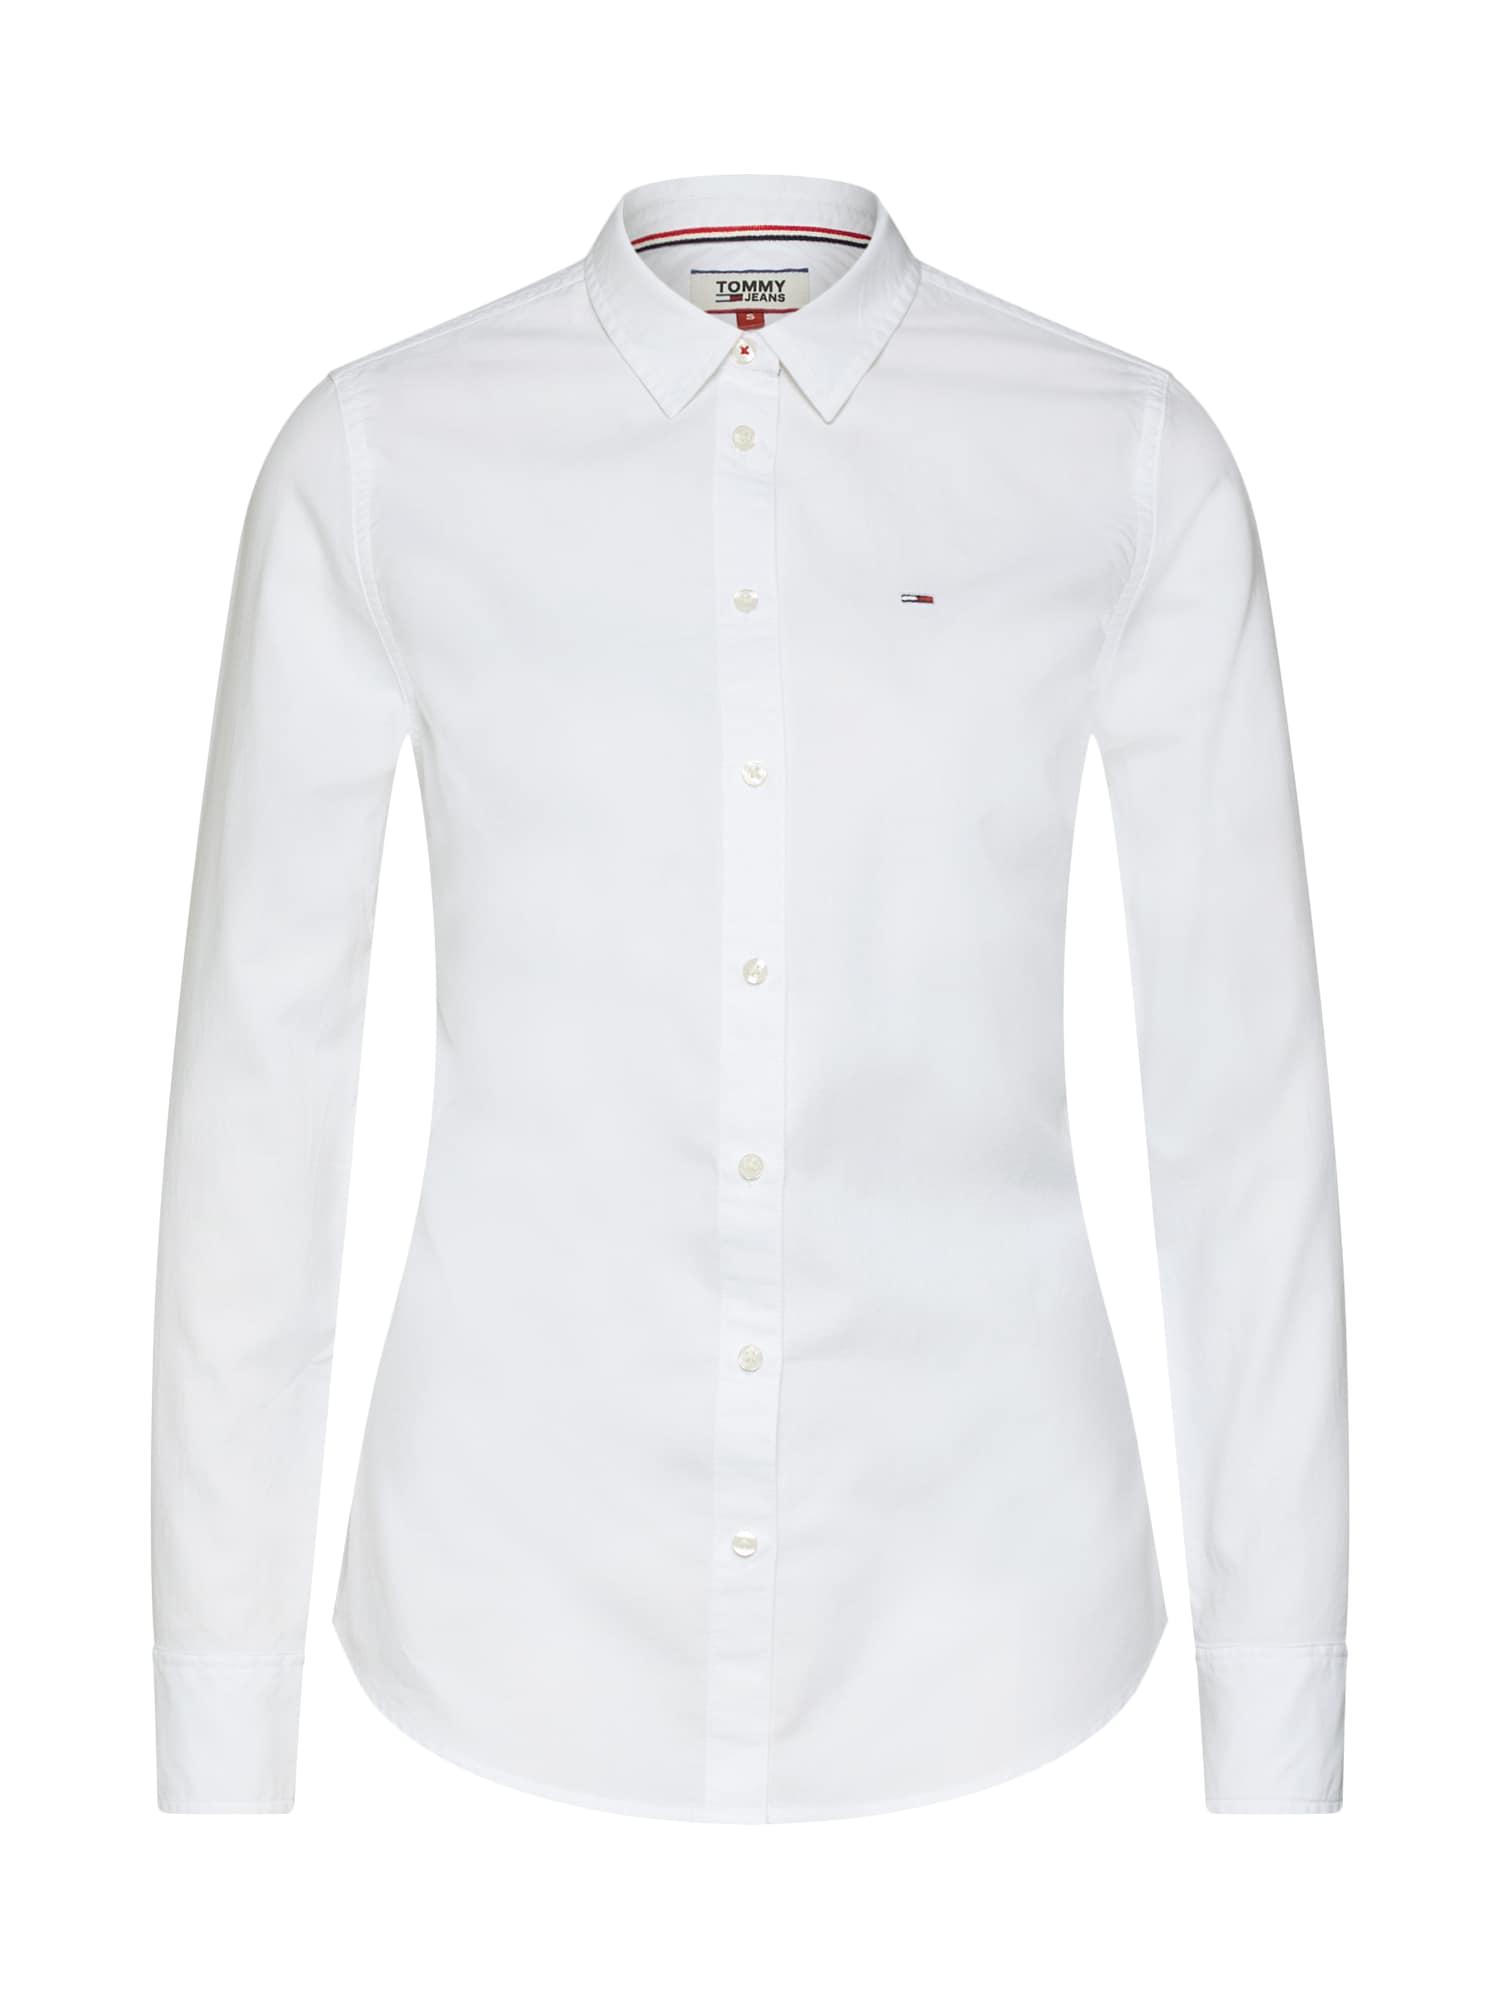 Bluse | Bekleidung > Blusen > Sonstige Blusen | Weiß | Tommy Jeans